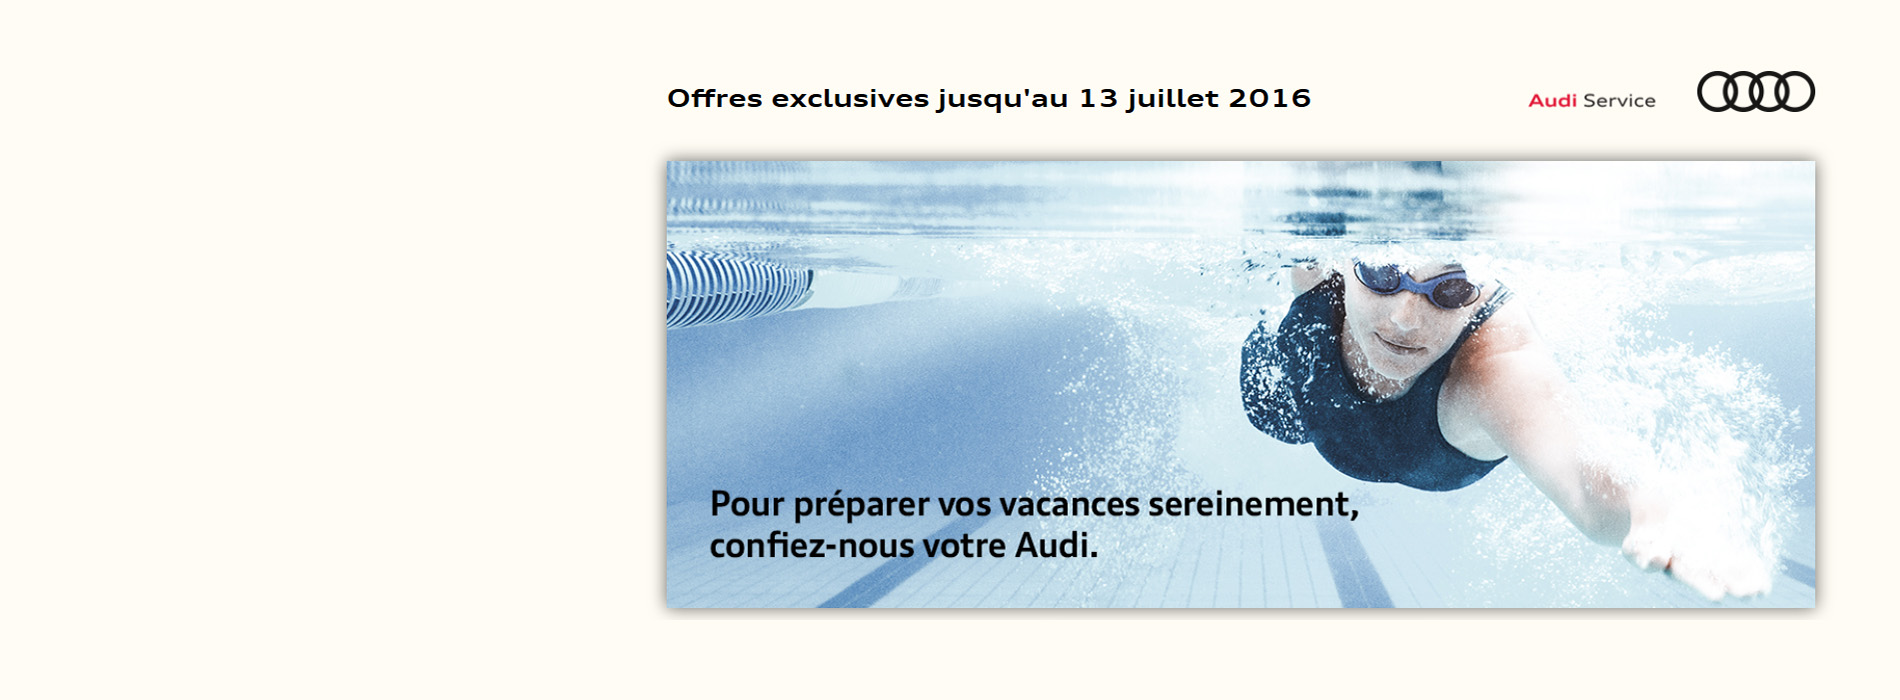 Les Offres Entretien Audi Chartres